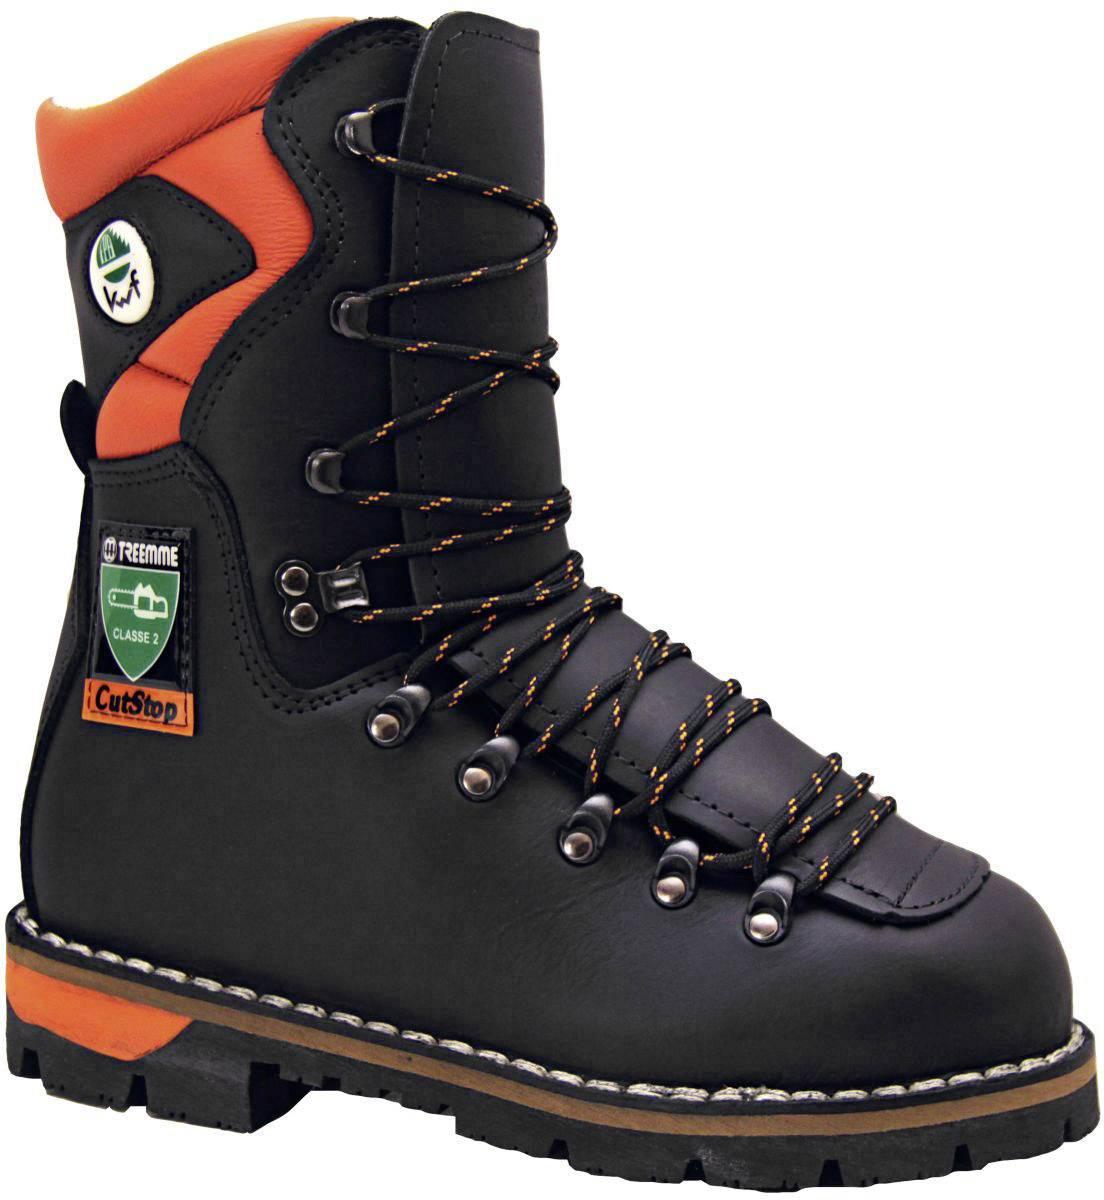 Bezpečnostní obuv s ochranou proti pořezání S3 Treemme 2435, vel.: 39, černá, 1 pár